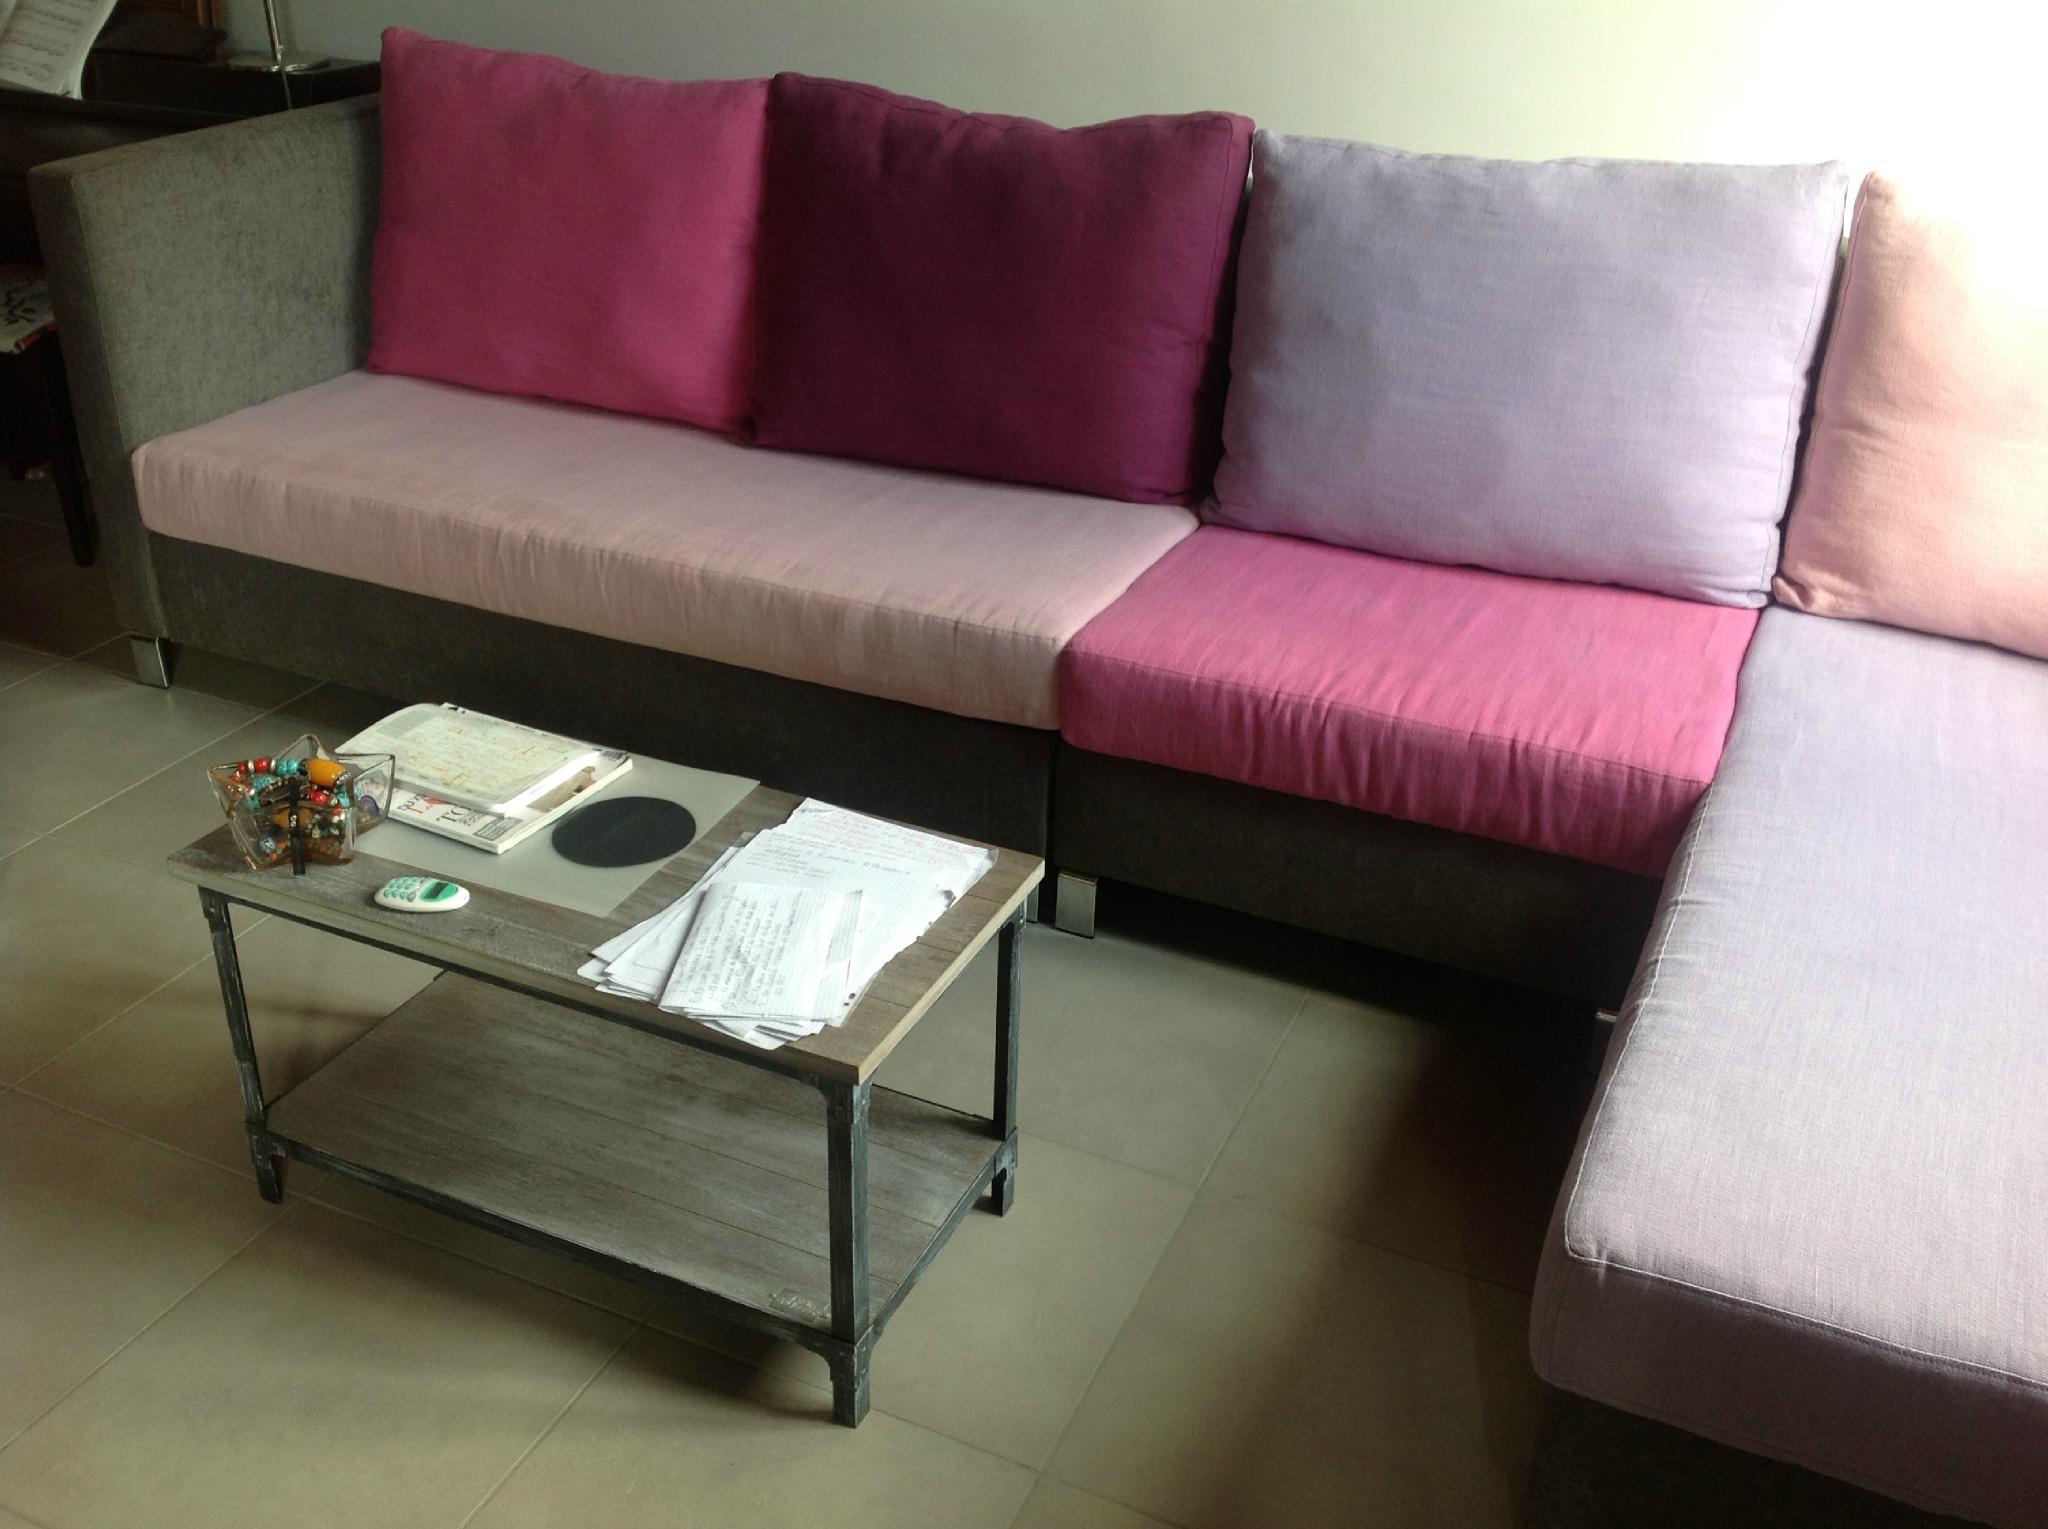 renover un canap en tissu perfect renover un canap en tissu with renover un canap en tissu. Black Bedroom Furniture Sets. Home Design Ideas